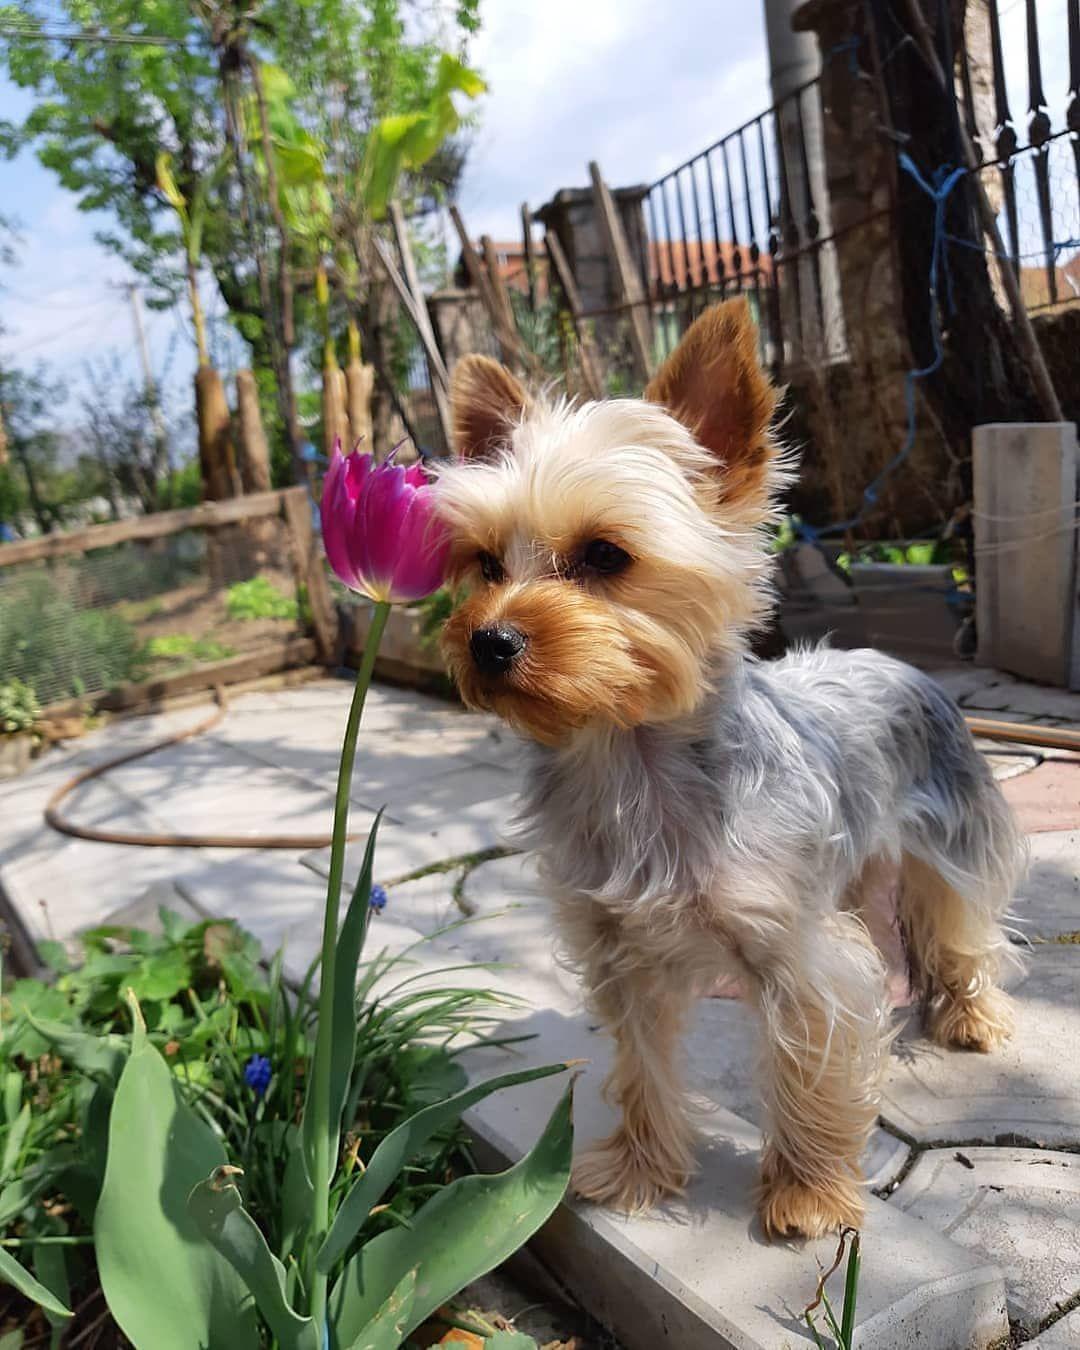 Yorkshire Chien D Appartement Dressage Chien Chiot Mignon Couleur Beagle Meilleur Chien Pets Animals Dogs